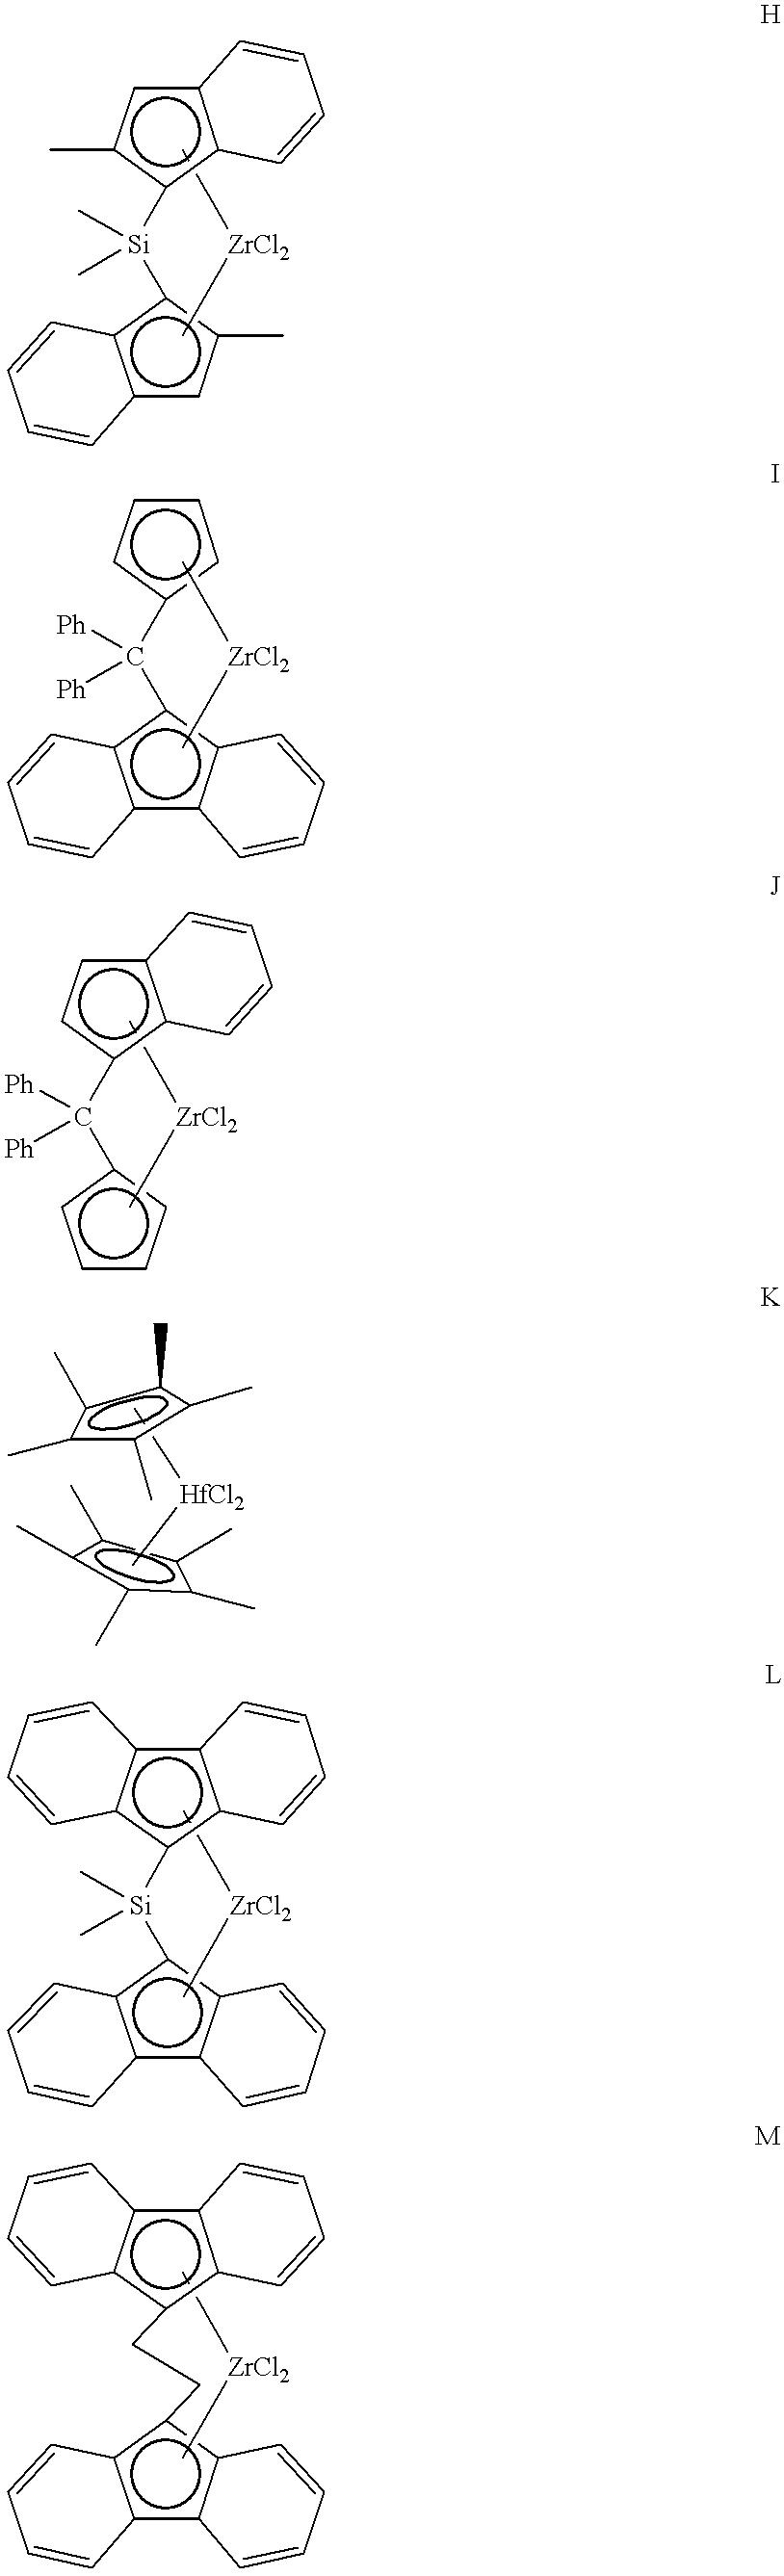 Figure US06417305-20020709-C00035